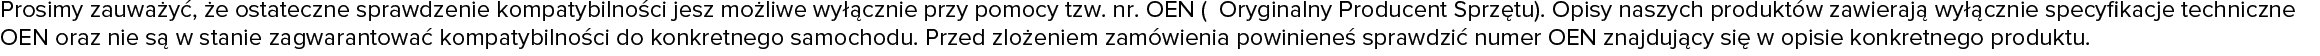 FILTRON FS55, 156785, 156793, 1567A5, 1567C6 Filtr paliwa